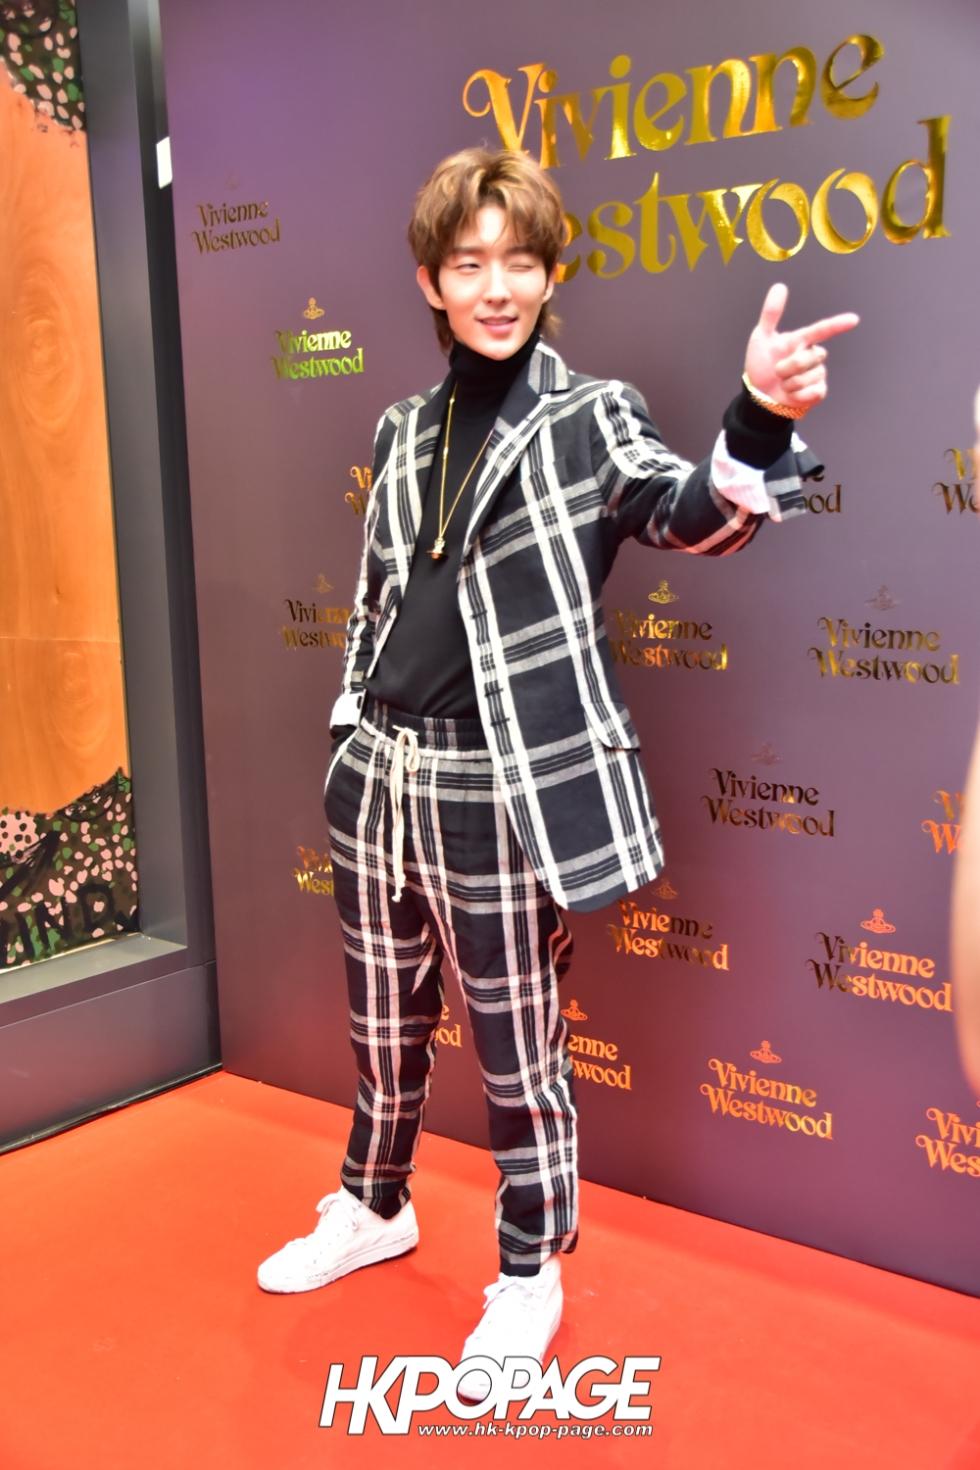 [HK.KPOP.PAGE] 181107_Lee Joon-gi_Vivienne Westwood Event in Hong Kong_14